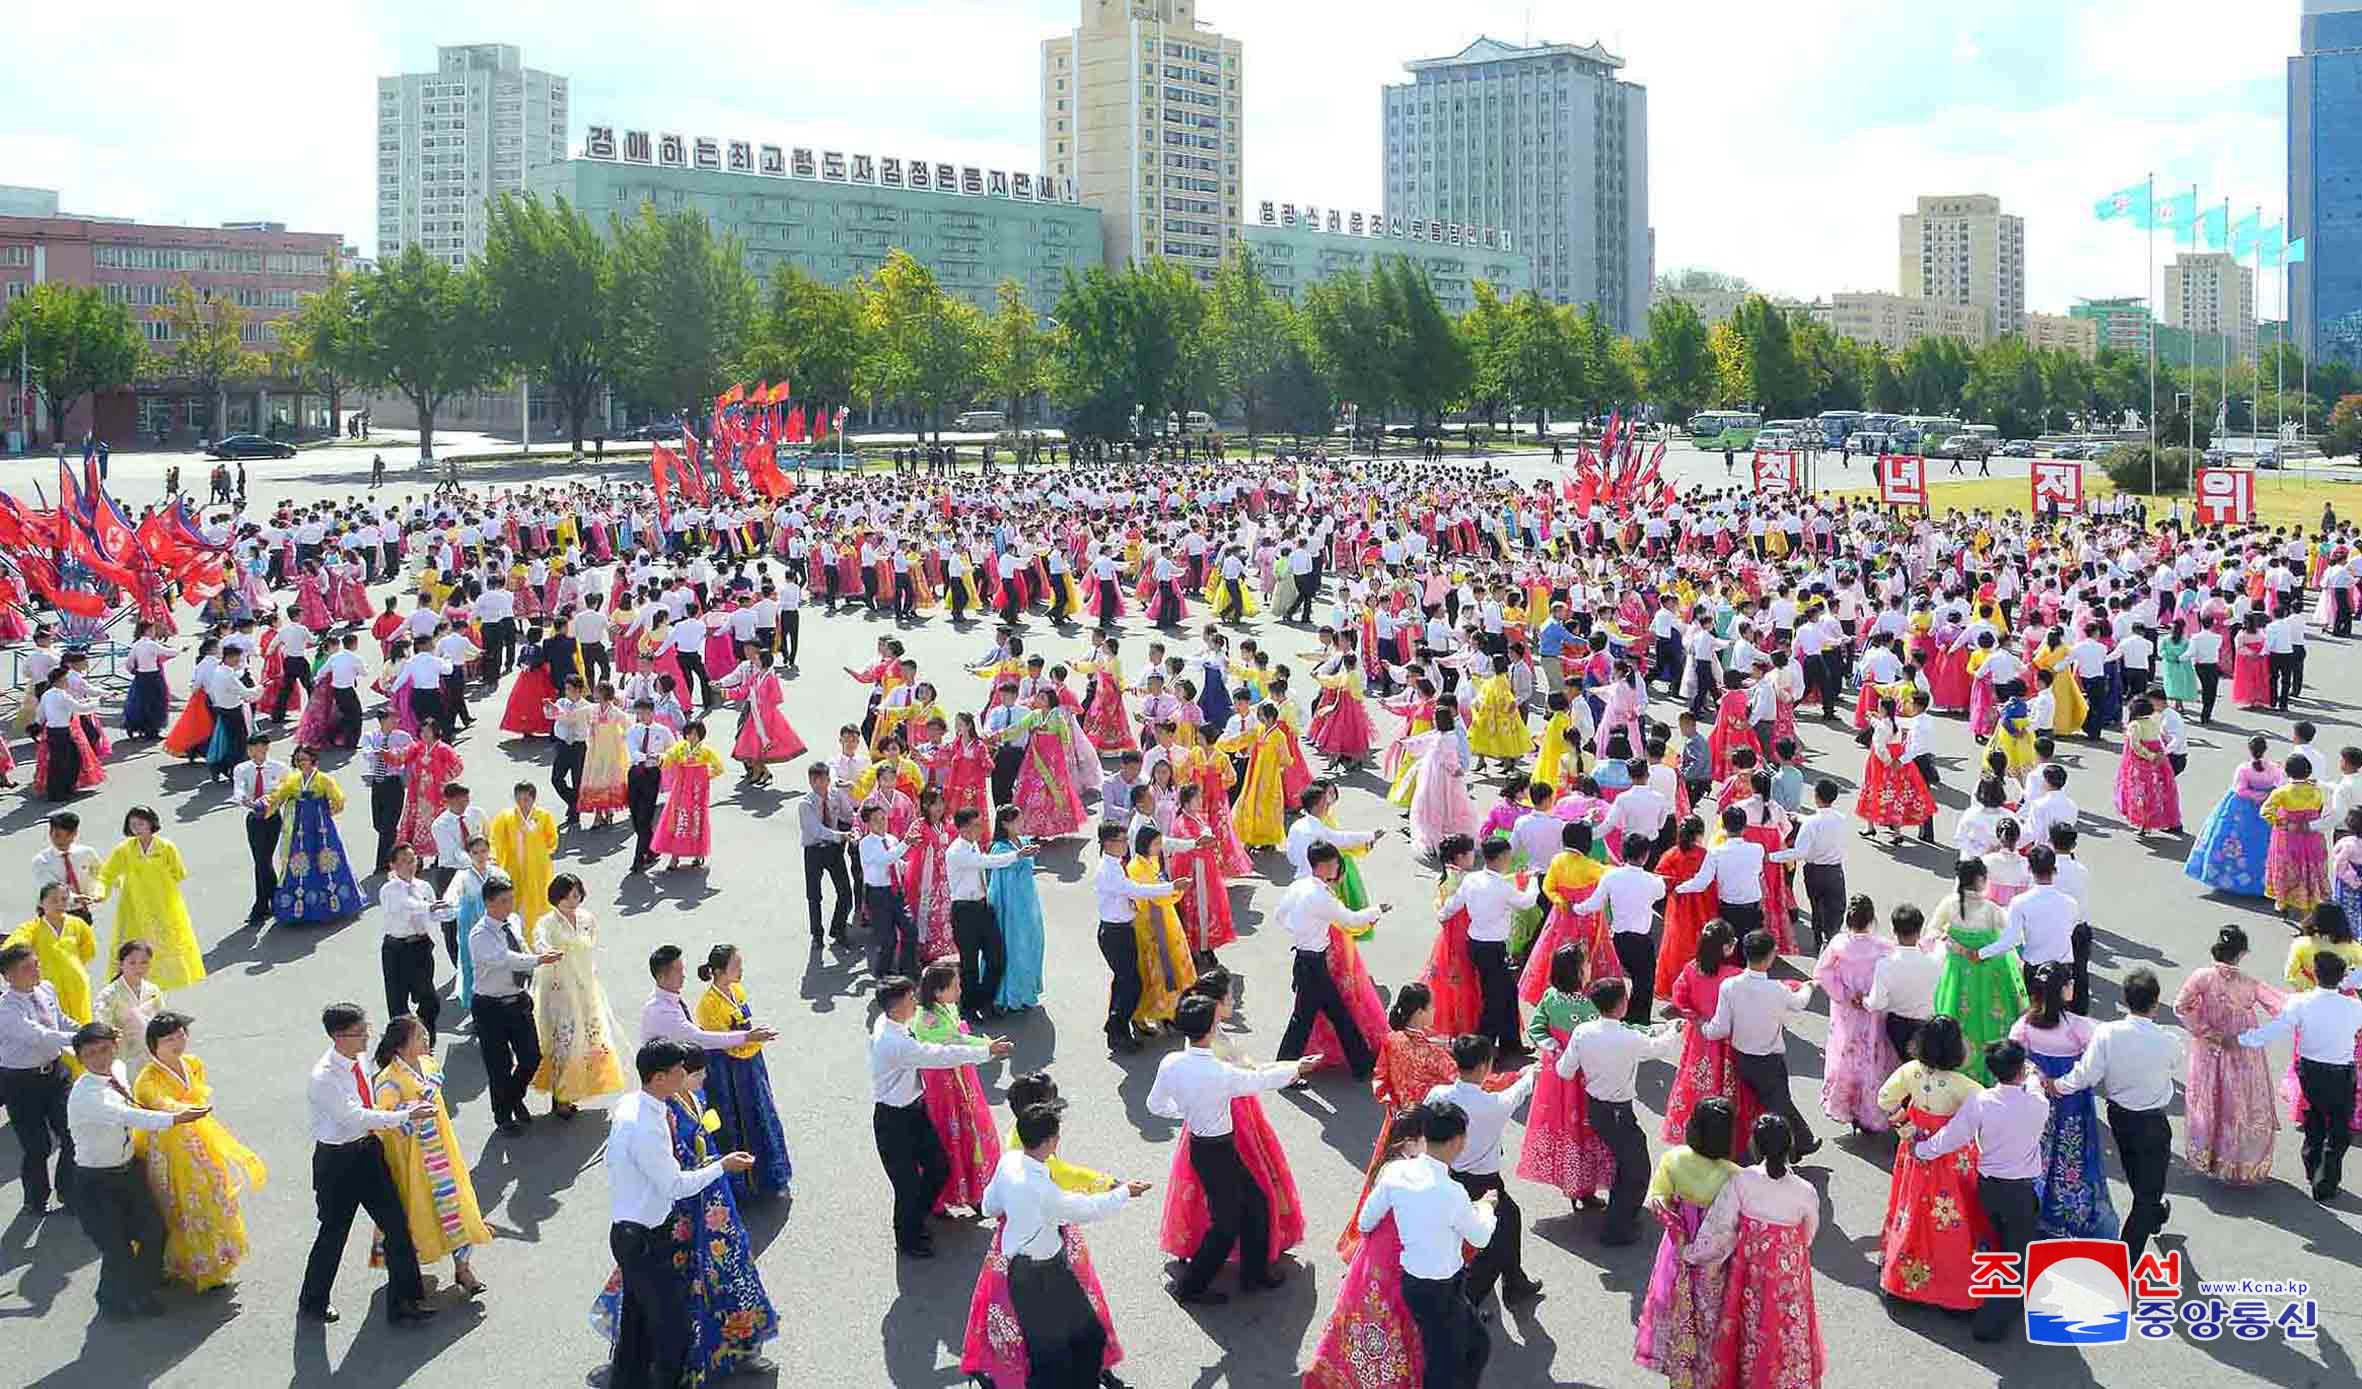 الرقص والألوان شعار مواطنى كوريا الشمالية فى الاحتفال بذكرى تأسيس الحزب الحاكم